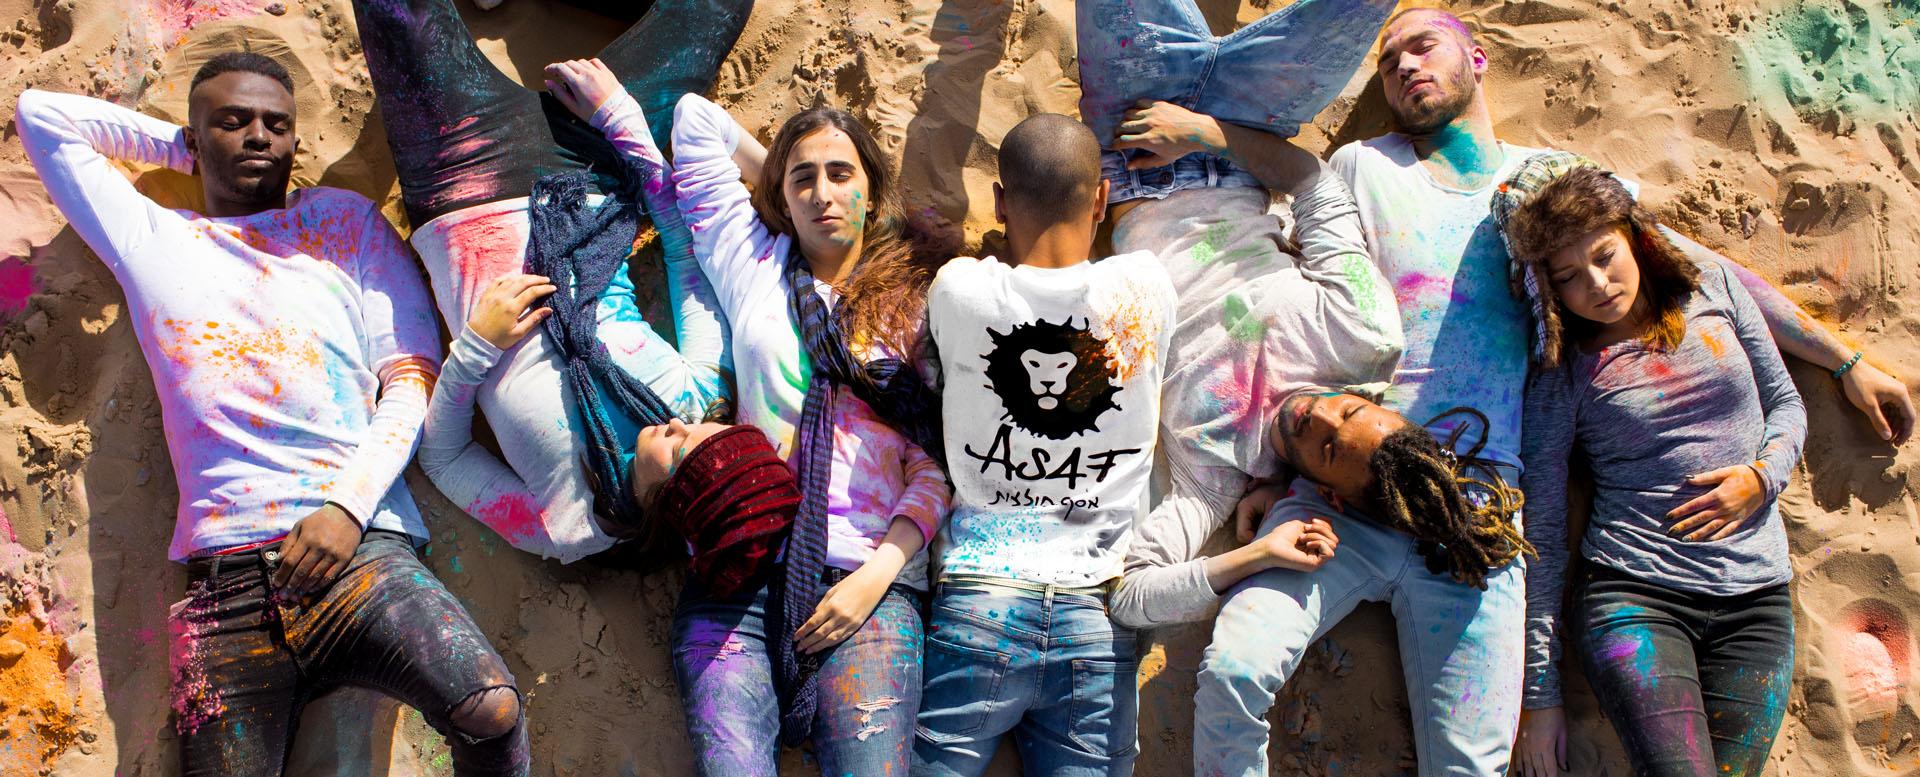 אסף חולצות - תמונה ראשית דף הבית - אנשים עם חולצות שונות של אסף